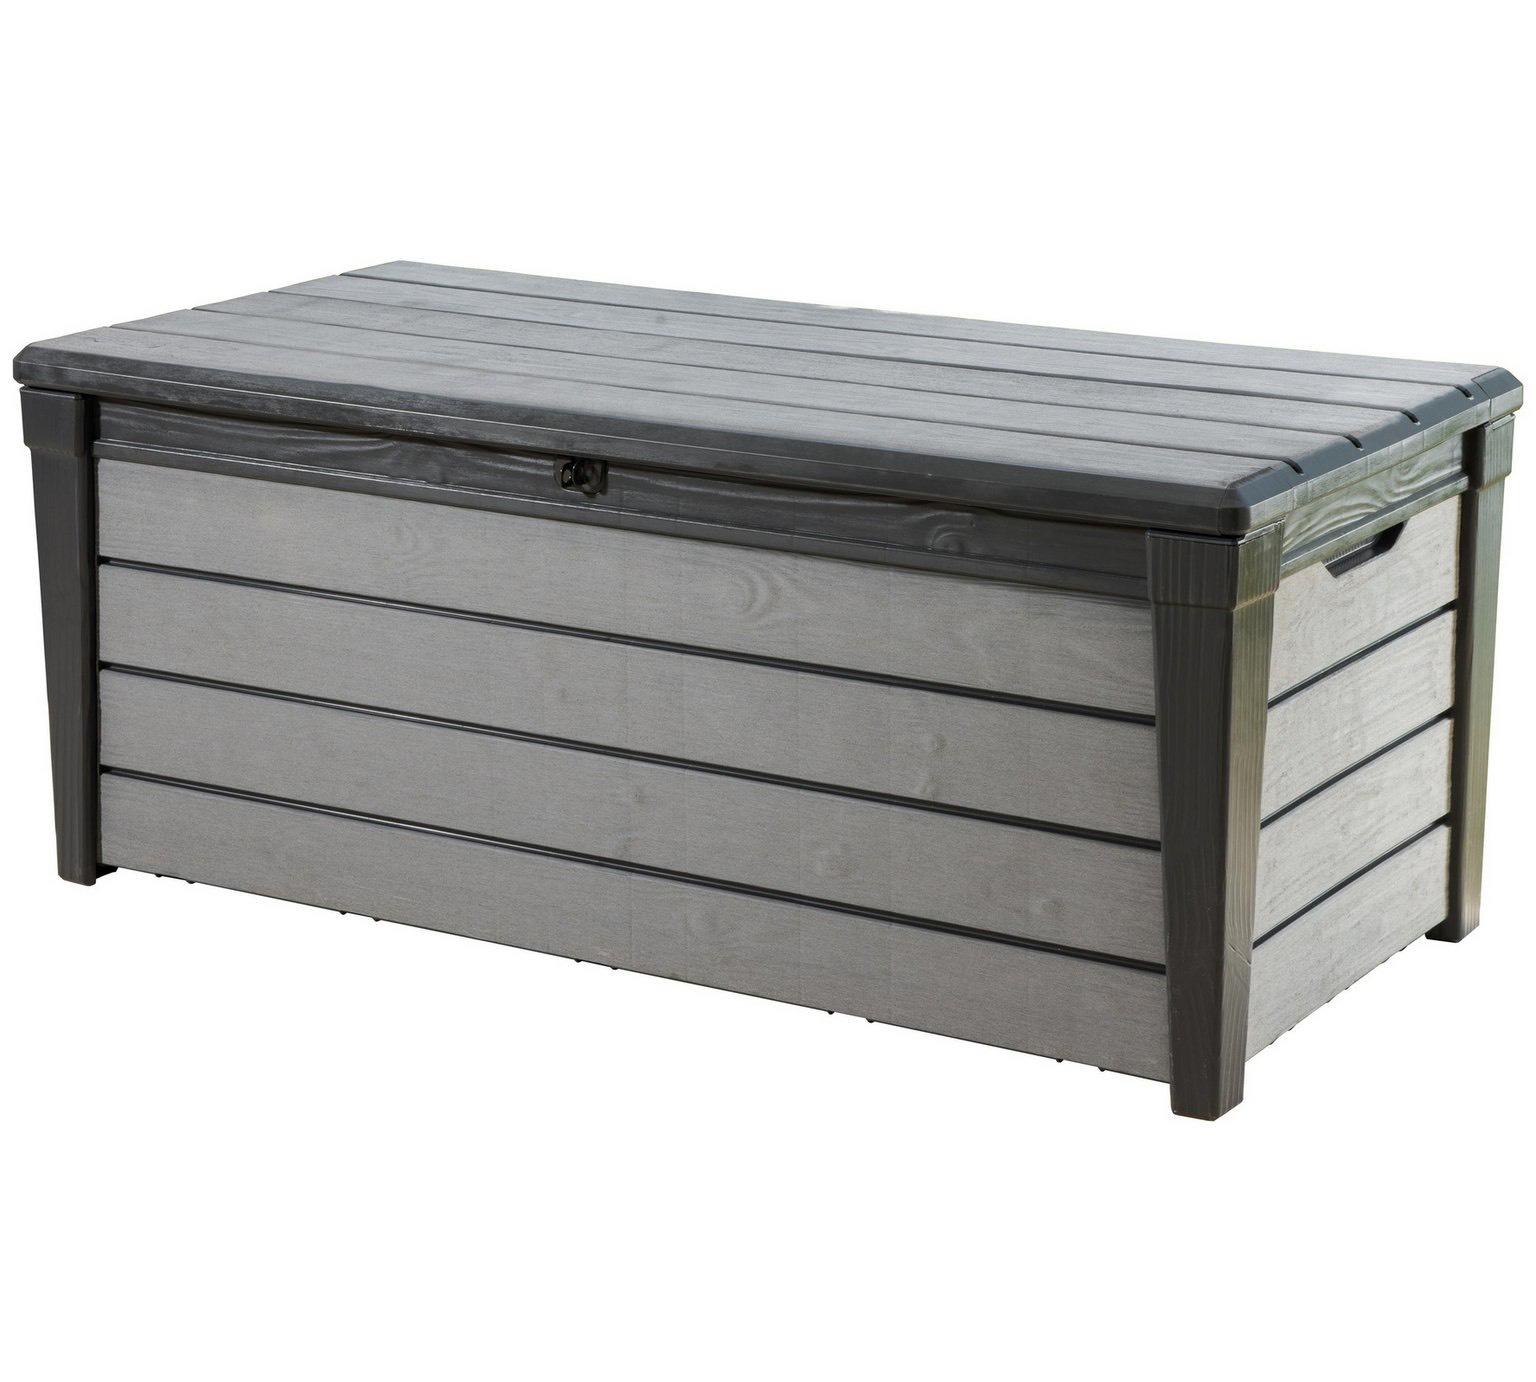 Keter Brushwood Grey Storage Box - £106.66 @ Argos